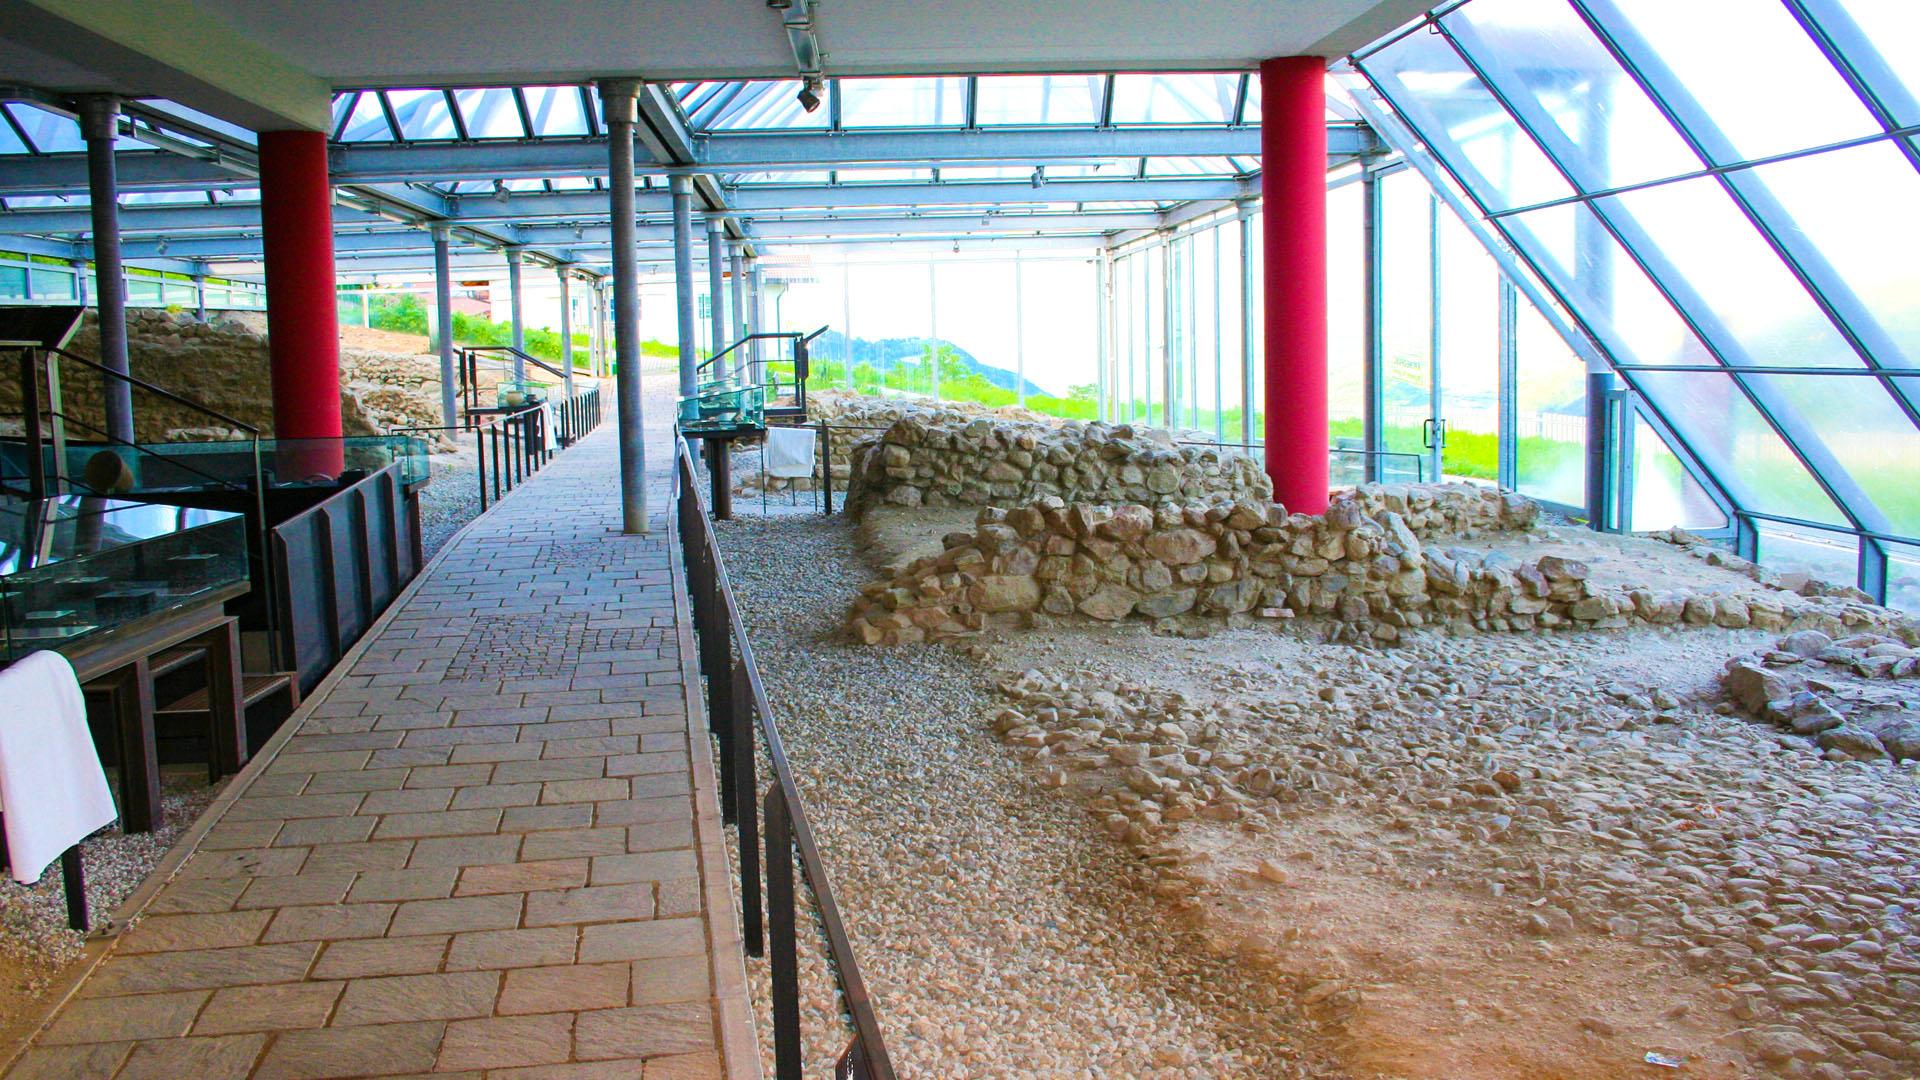 Archeoparc in Villanders